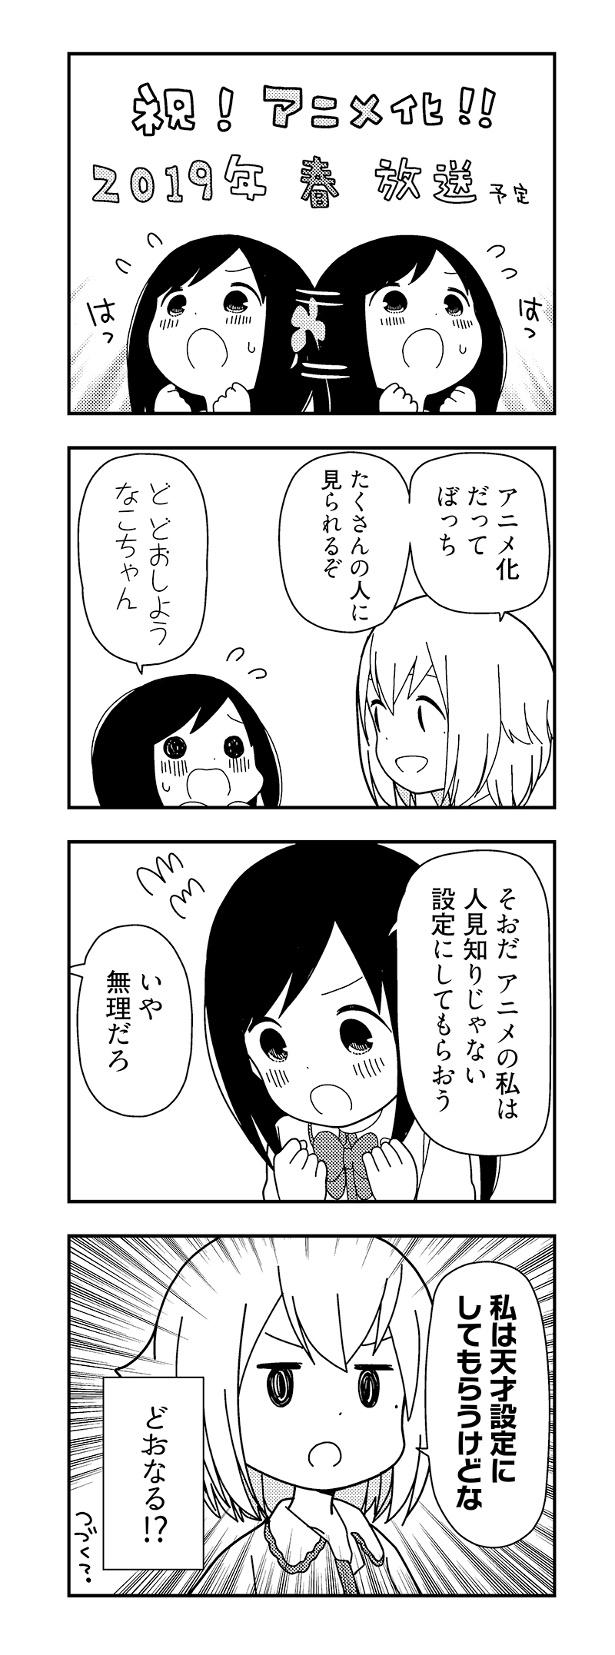 追加キャストに田中美海さんが決定!TVアニメ「ひとりぼっちの○○生活」最新情報が到着